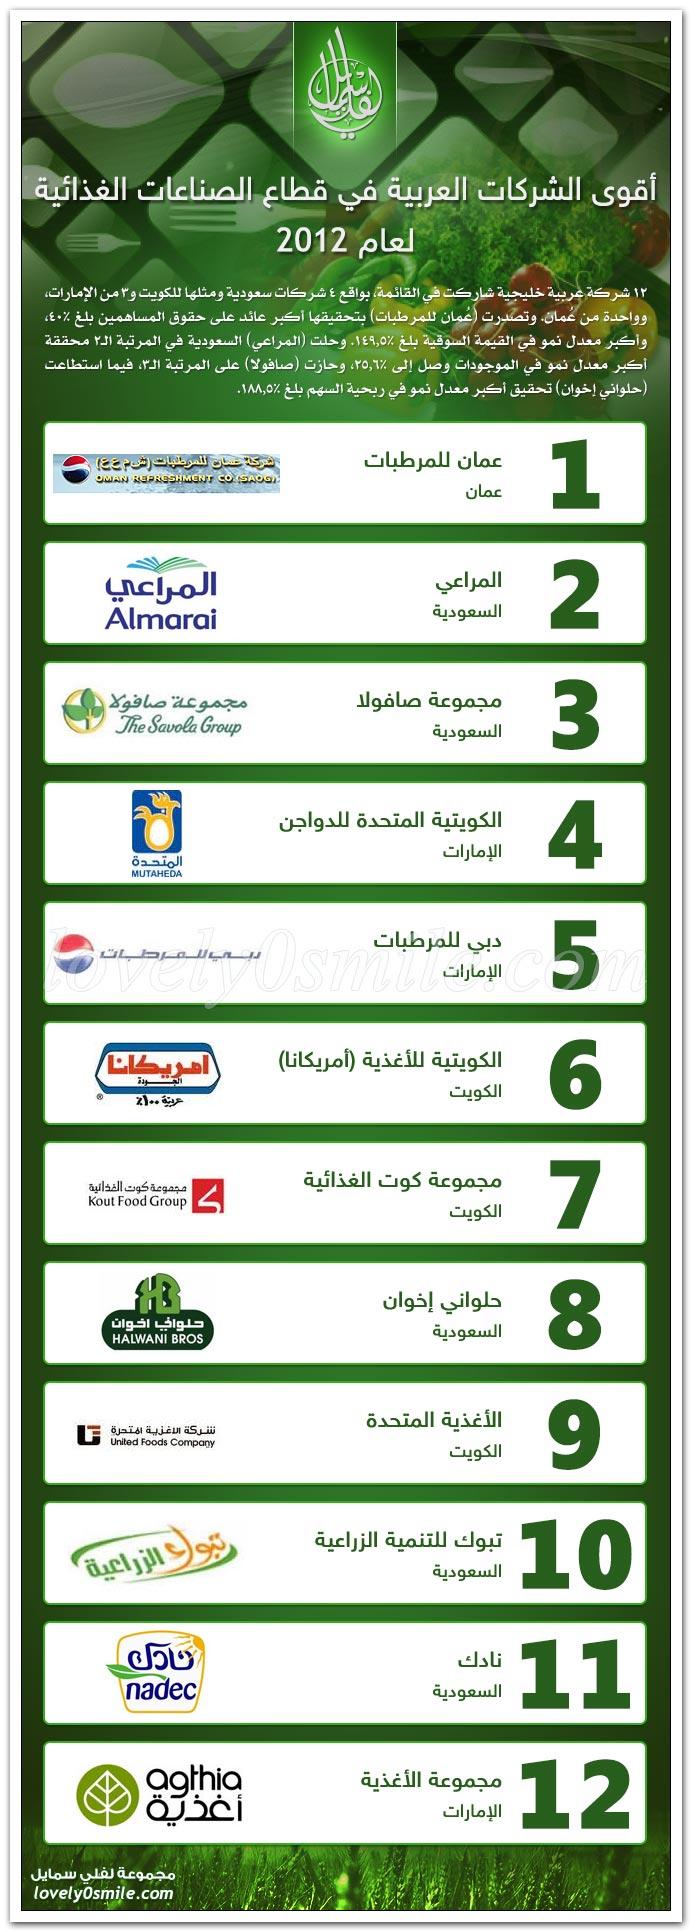 أقوى الشركات العربية في قطاع الصناعات الغذائية لعام 2012